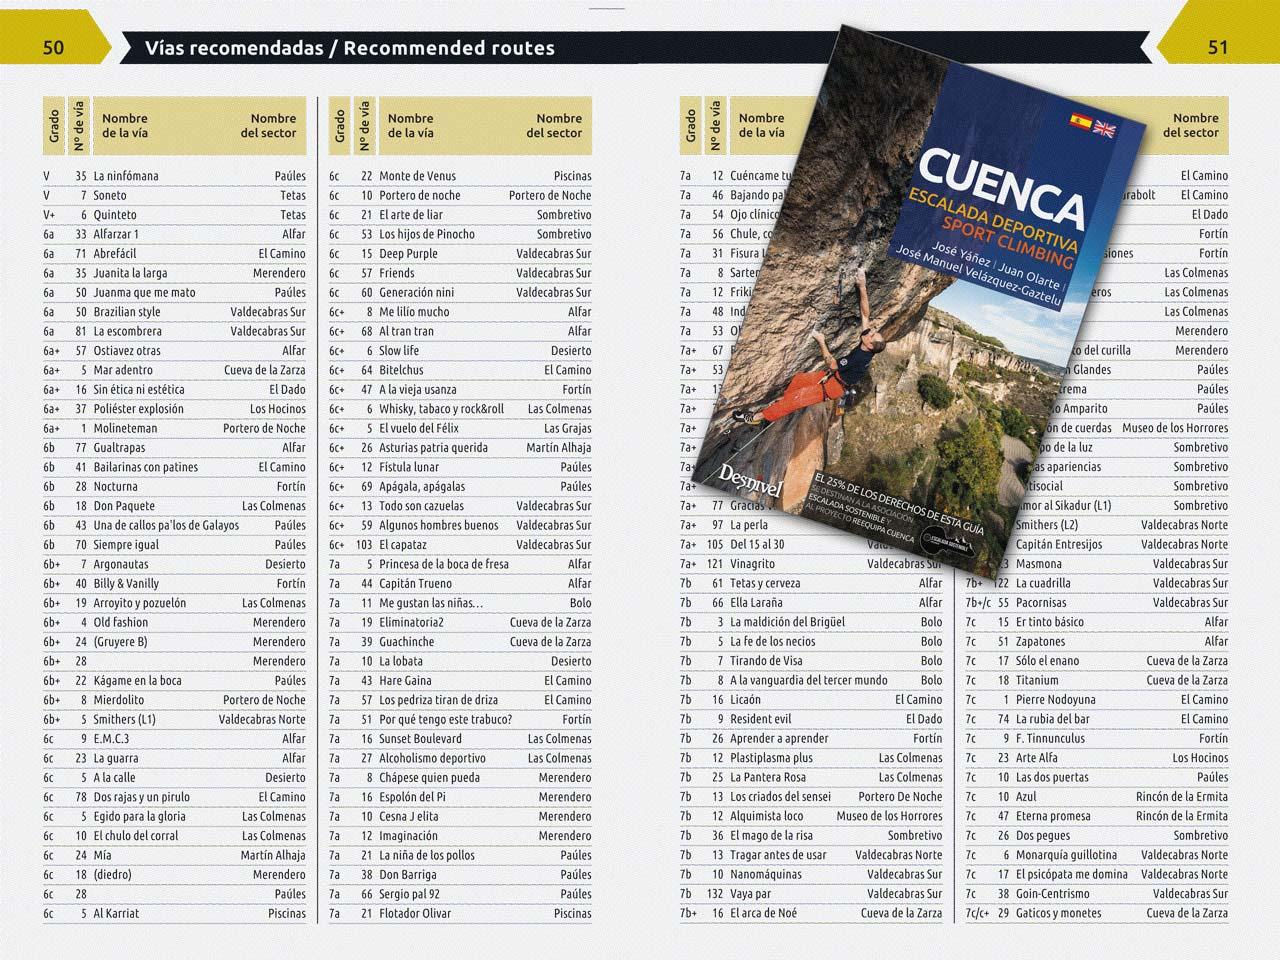 Información ampliada: Vías recomentadas. Nueva guía de escalada en Cuenca